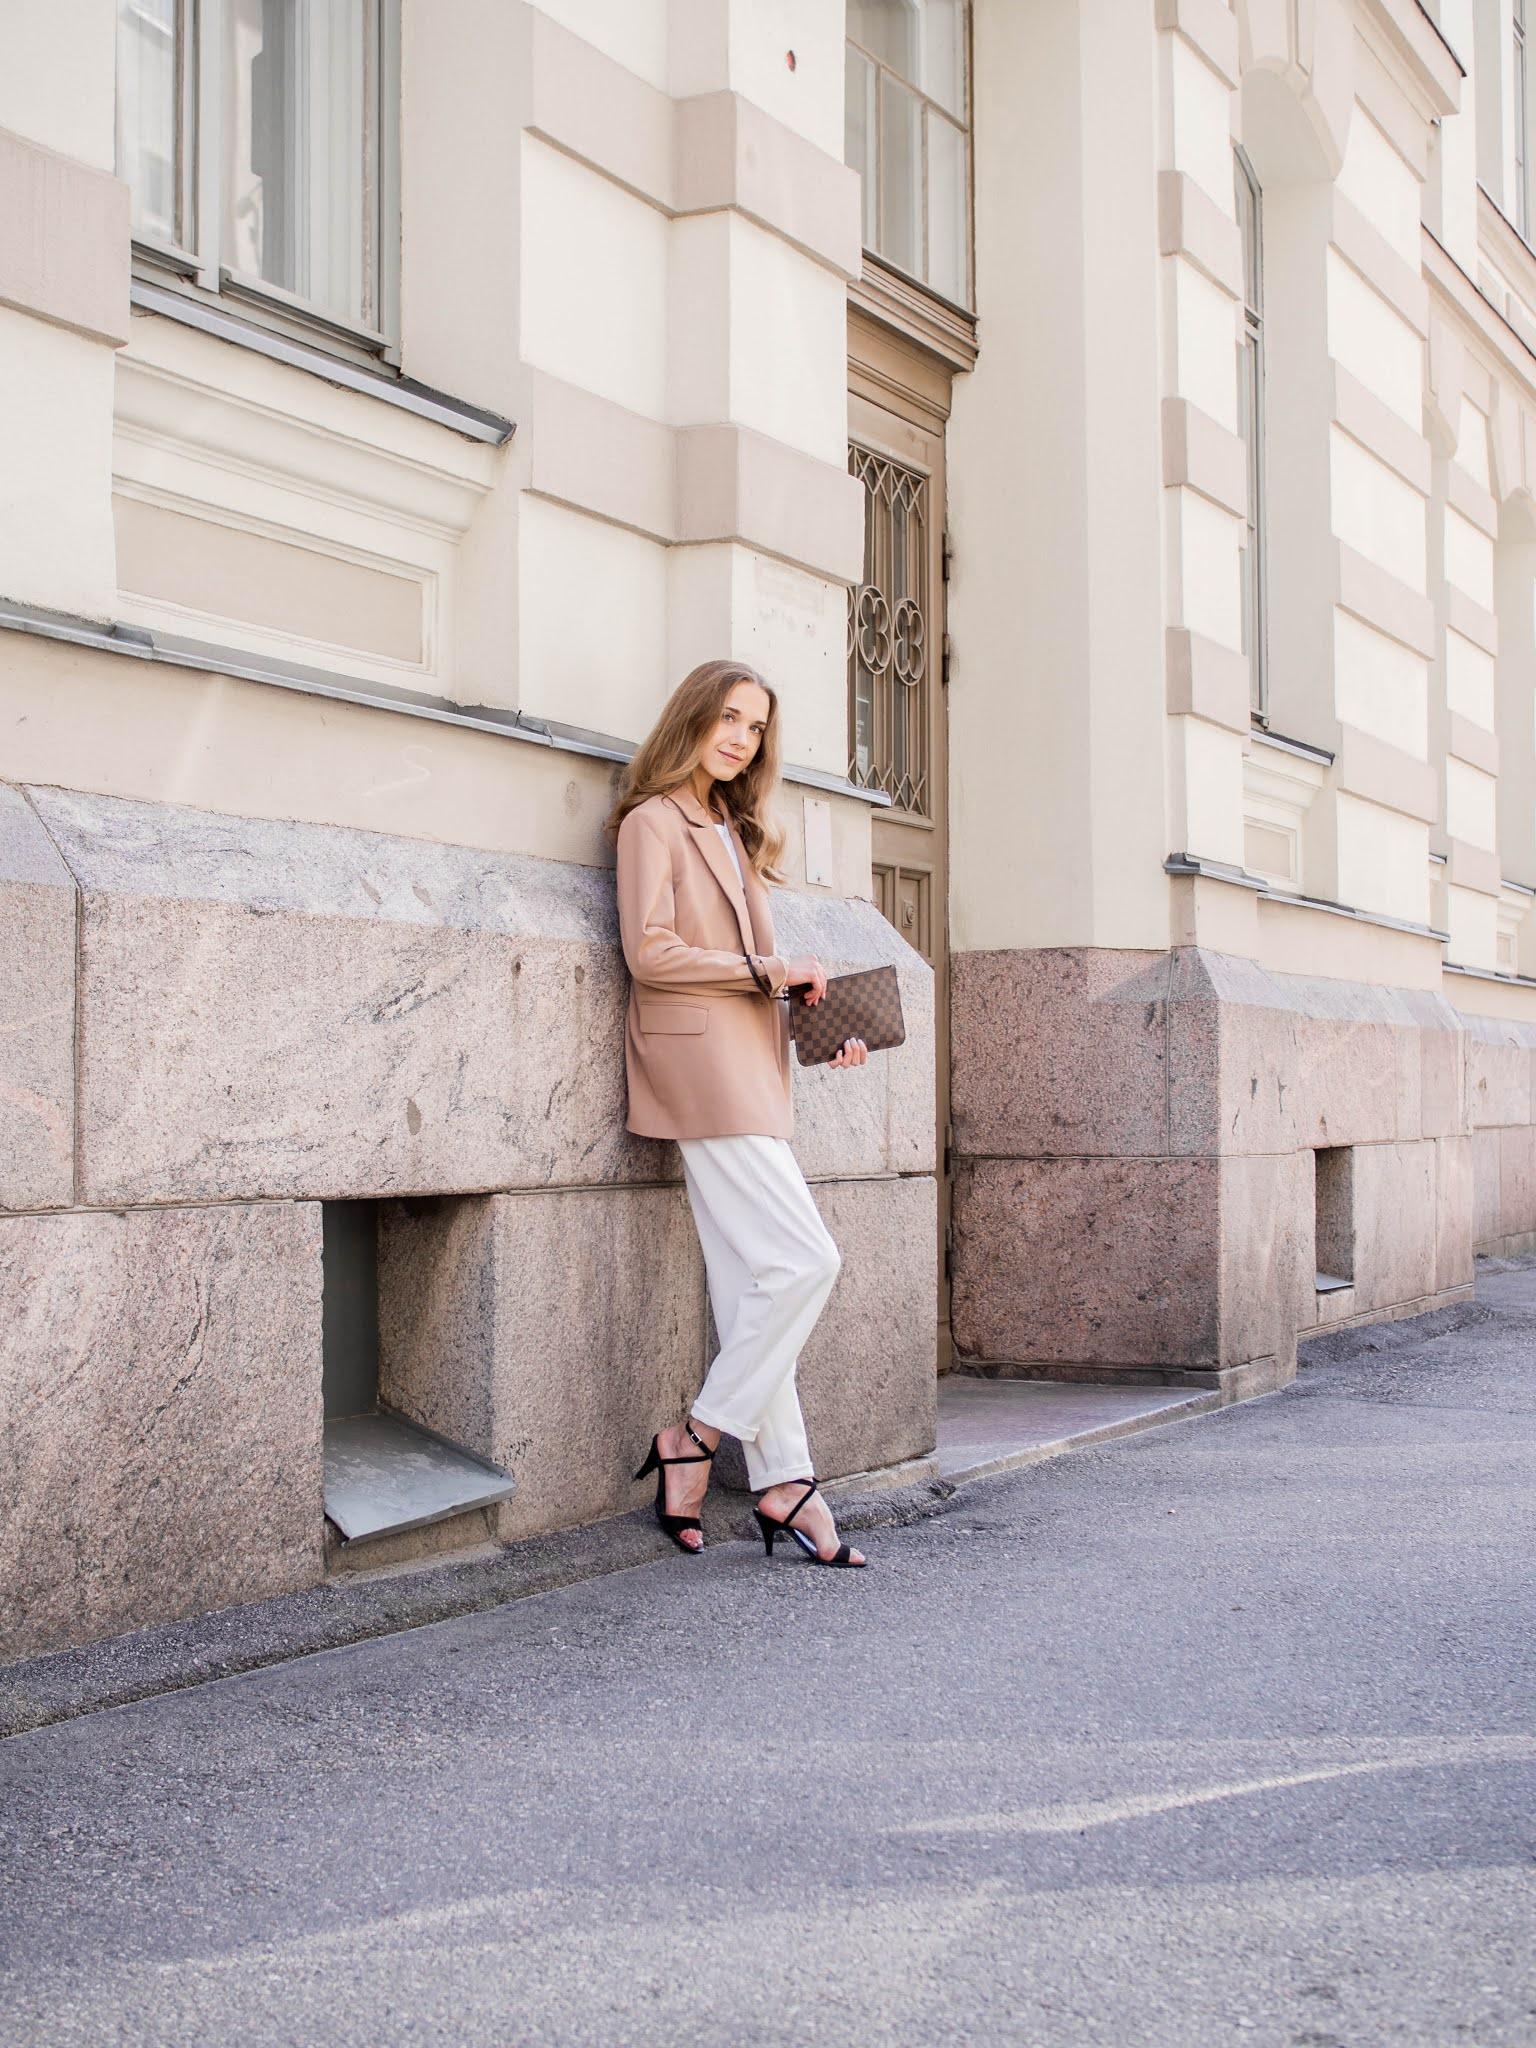 Autumn fashion inspiration, suit outfit - Syysmuoti, pukeutuminen, inspiraatio, jakkupuku